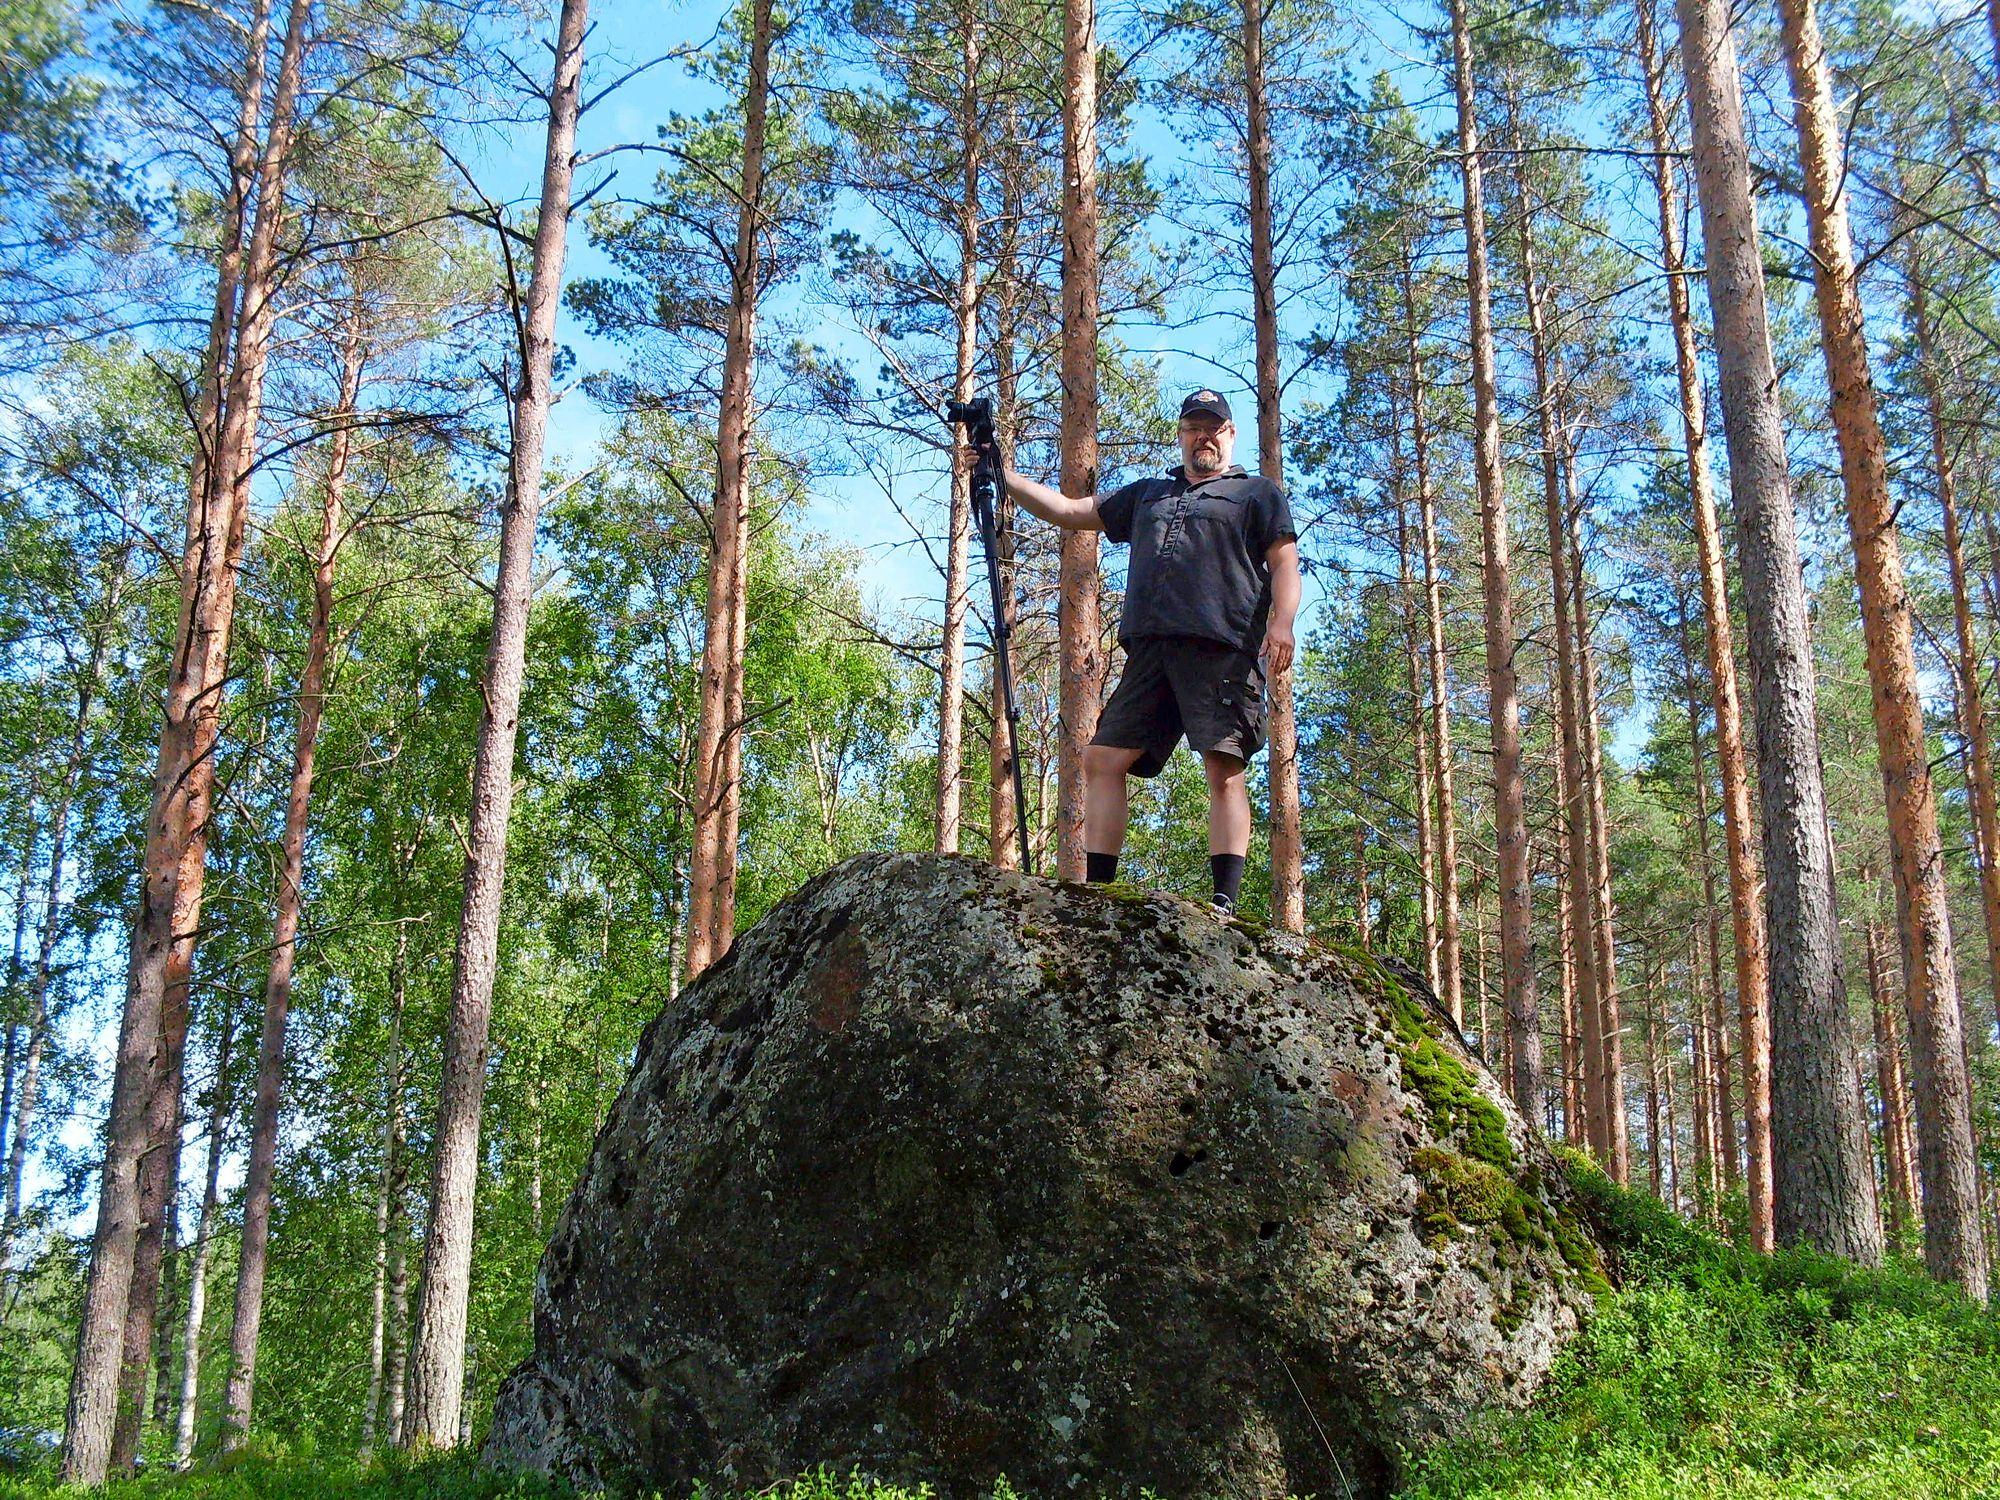 Vuonna 2009 Markus ei ollut vielä ihan maksimimitoissaan, mutta ahdas olo oli jo alkanut vaivata. © Markus Hotakaisen kotialbumi